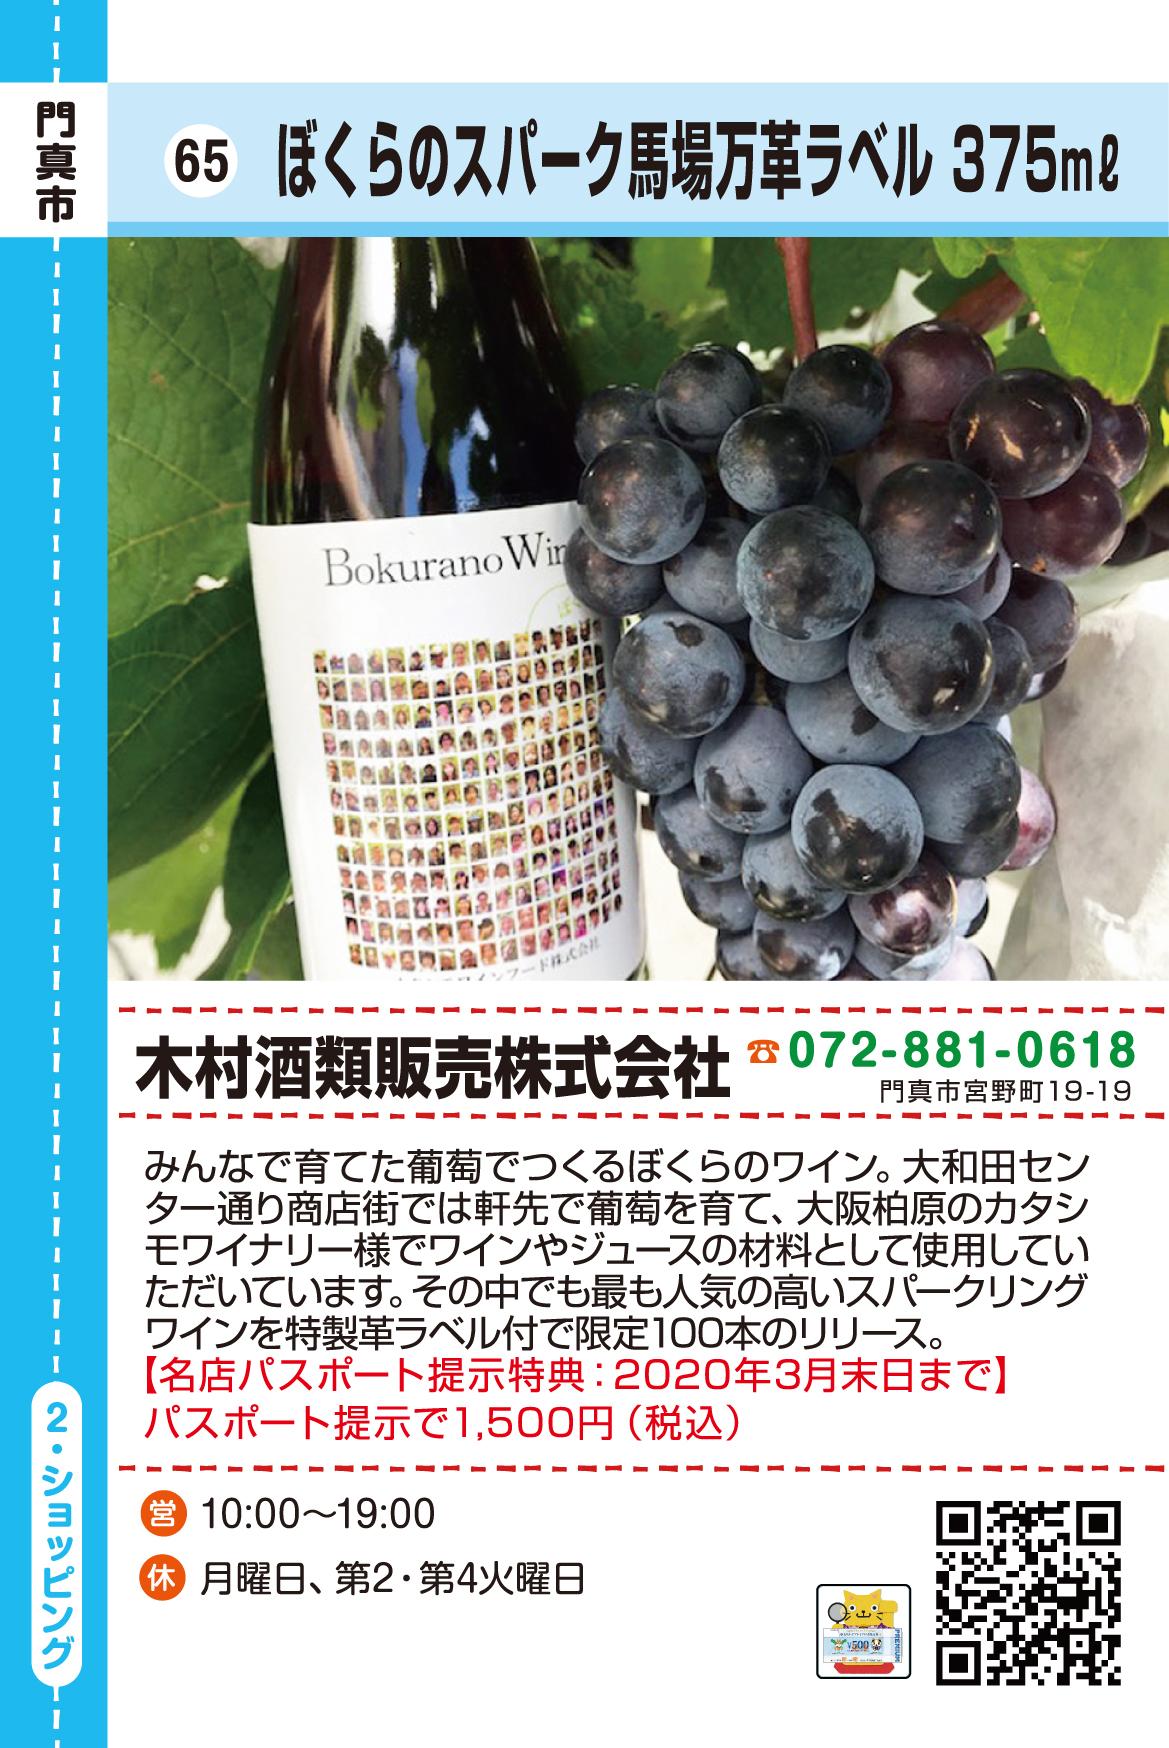 木村酒類販売株式会社